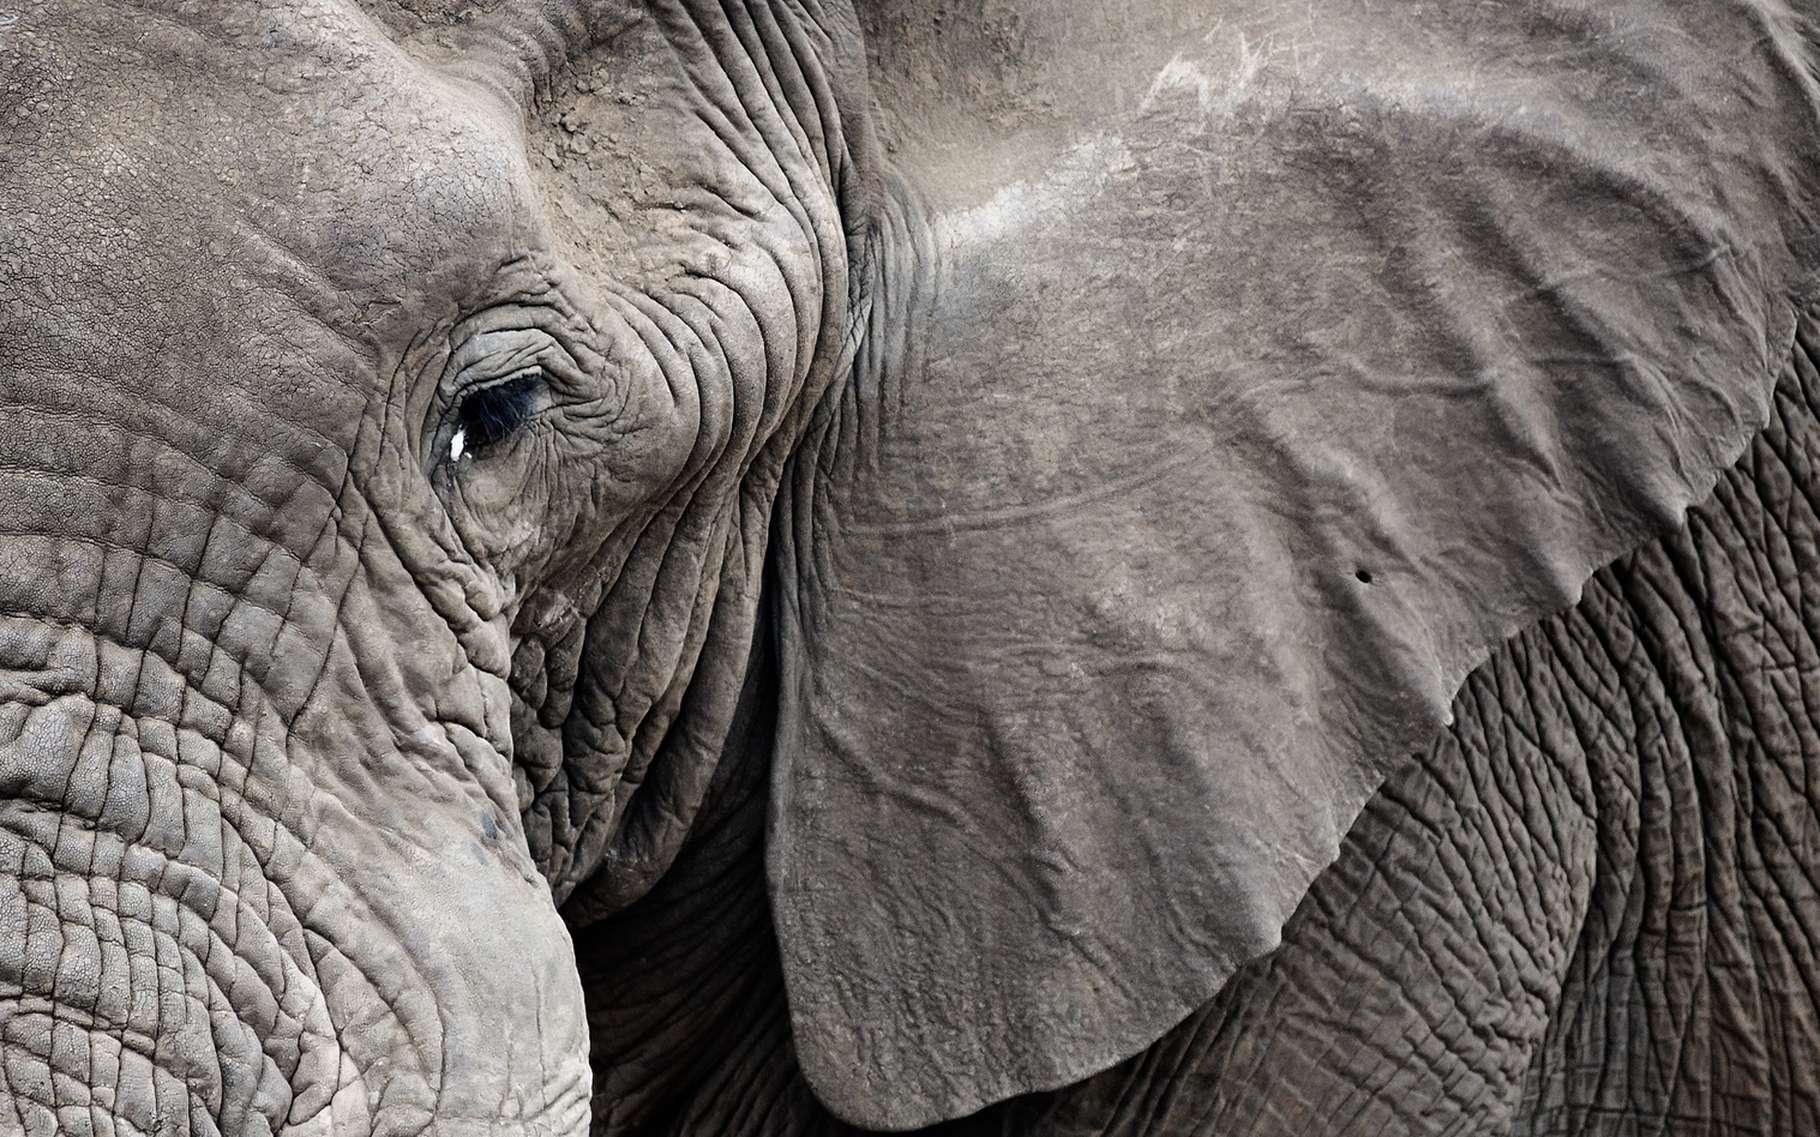 La perte de l'habitat naturel des éléphants représente une grande menace pour ces pachydermes. En ce qui concerne l'éléphant pygmée de Bornéo, il n'existerait plus que 1.500 individus (voir autre photo ci-dessous). © Daxiao Productions, Shutterstock